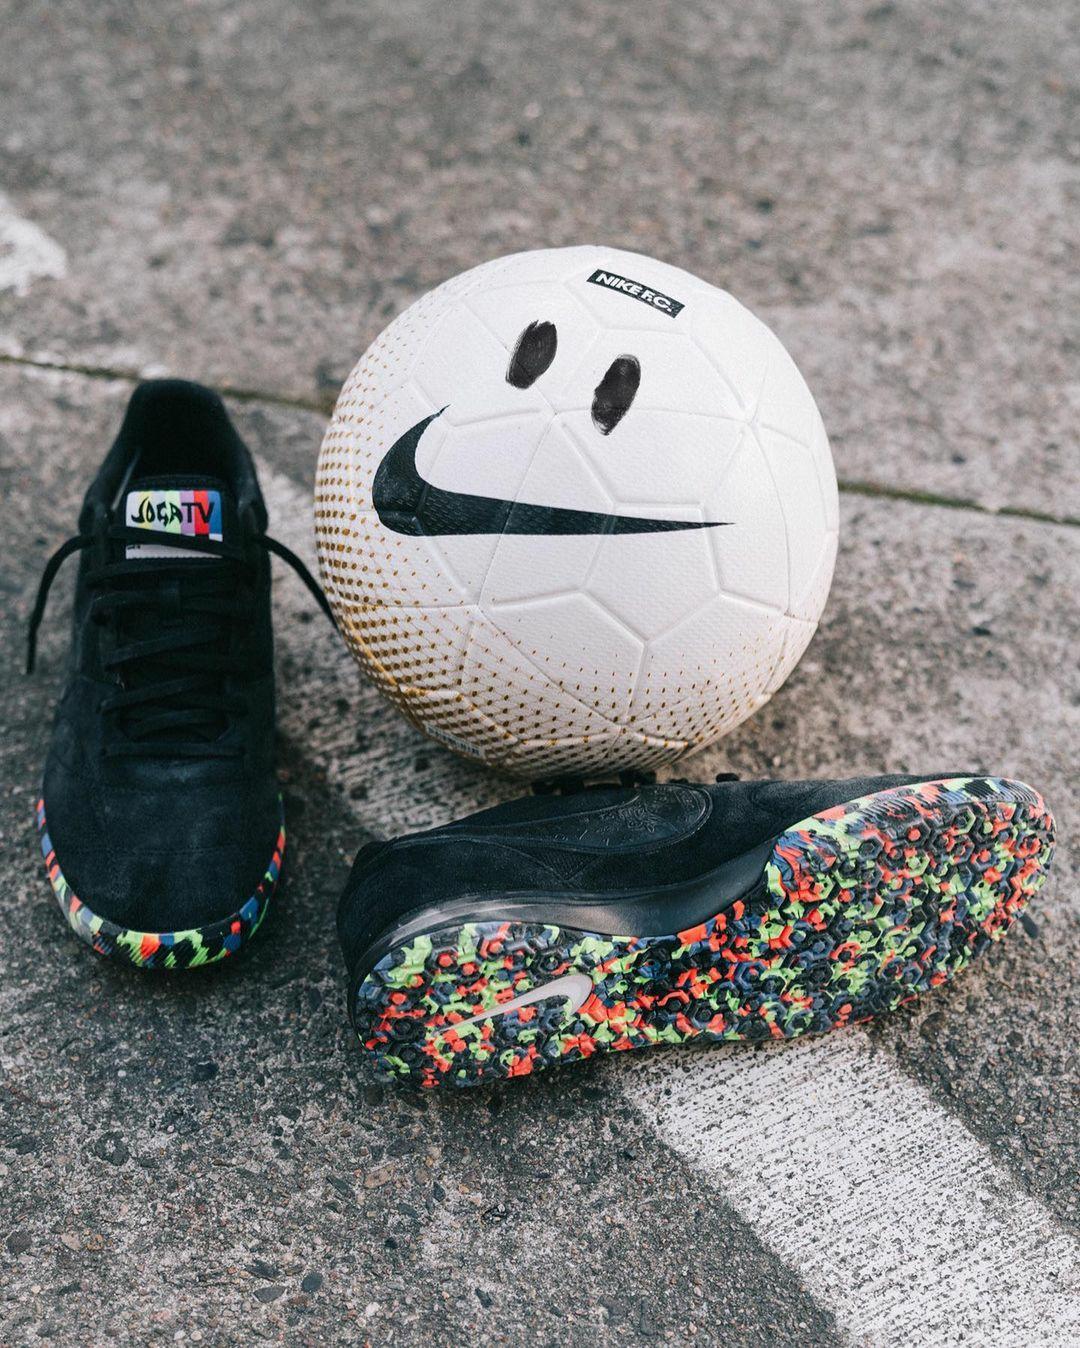 Giới thiệu giày đá banh Nike Premier II Sala Joga Bonito